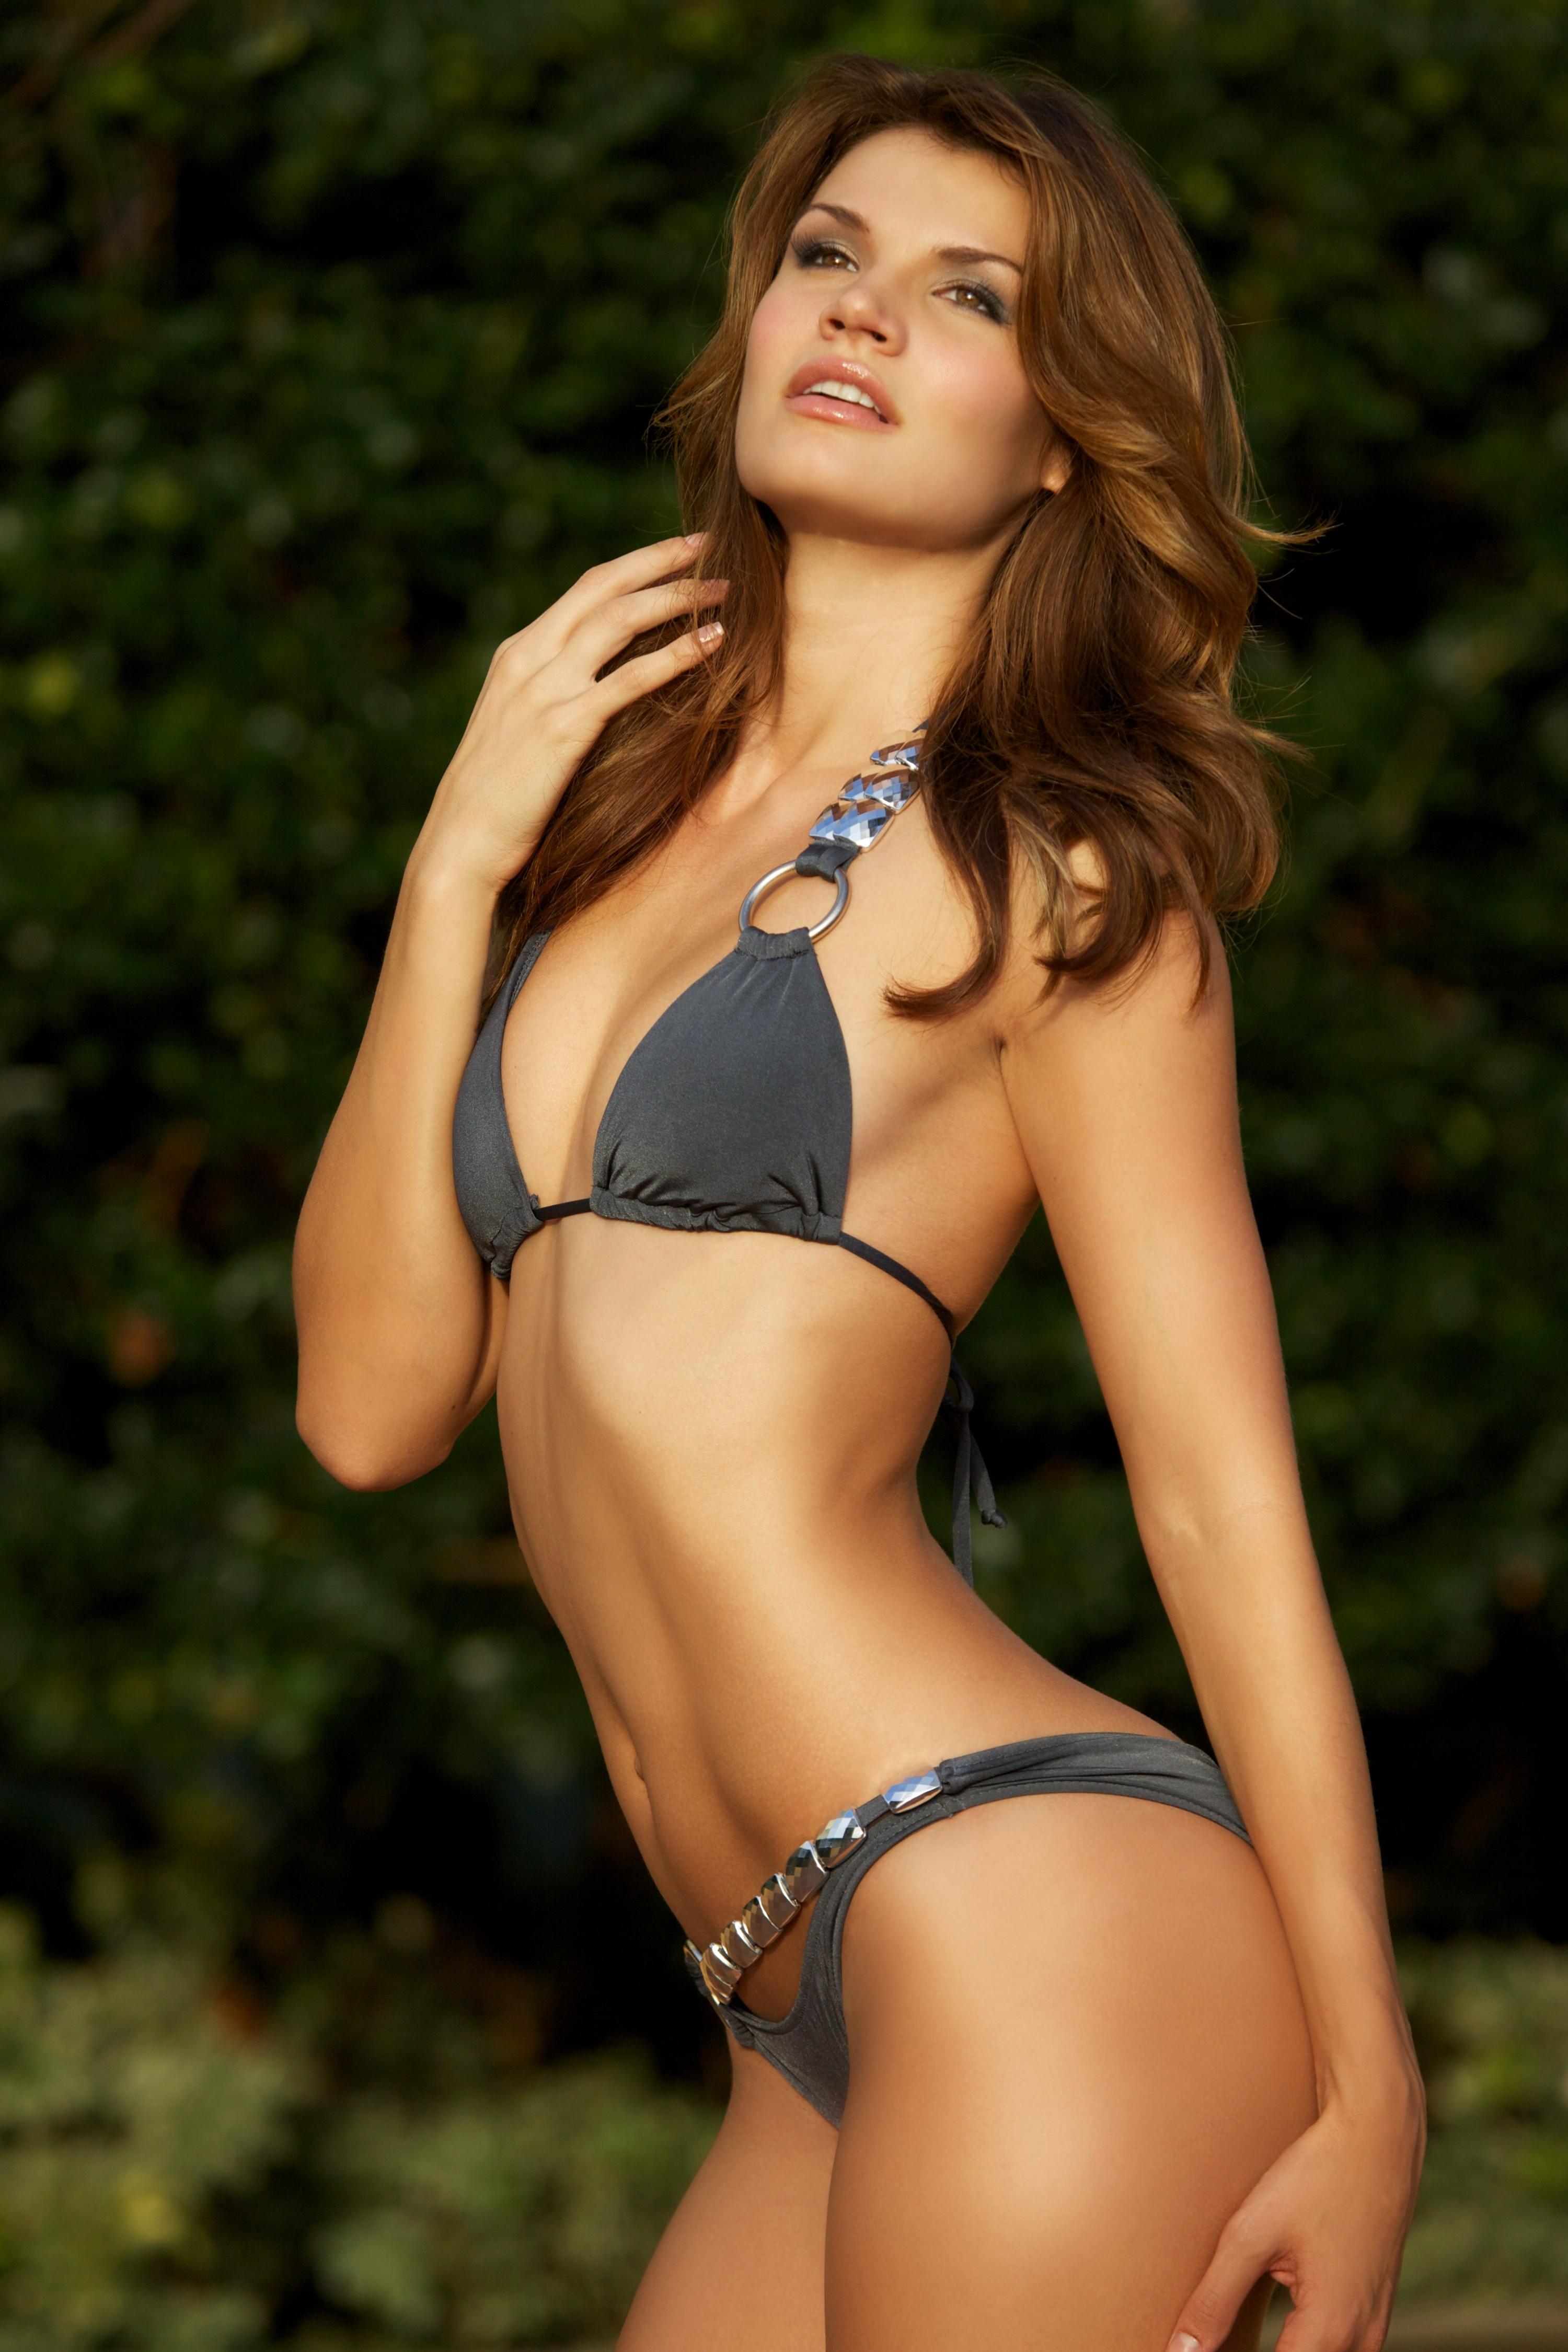 Jessica Rafalowski en bikini